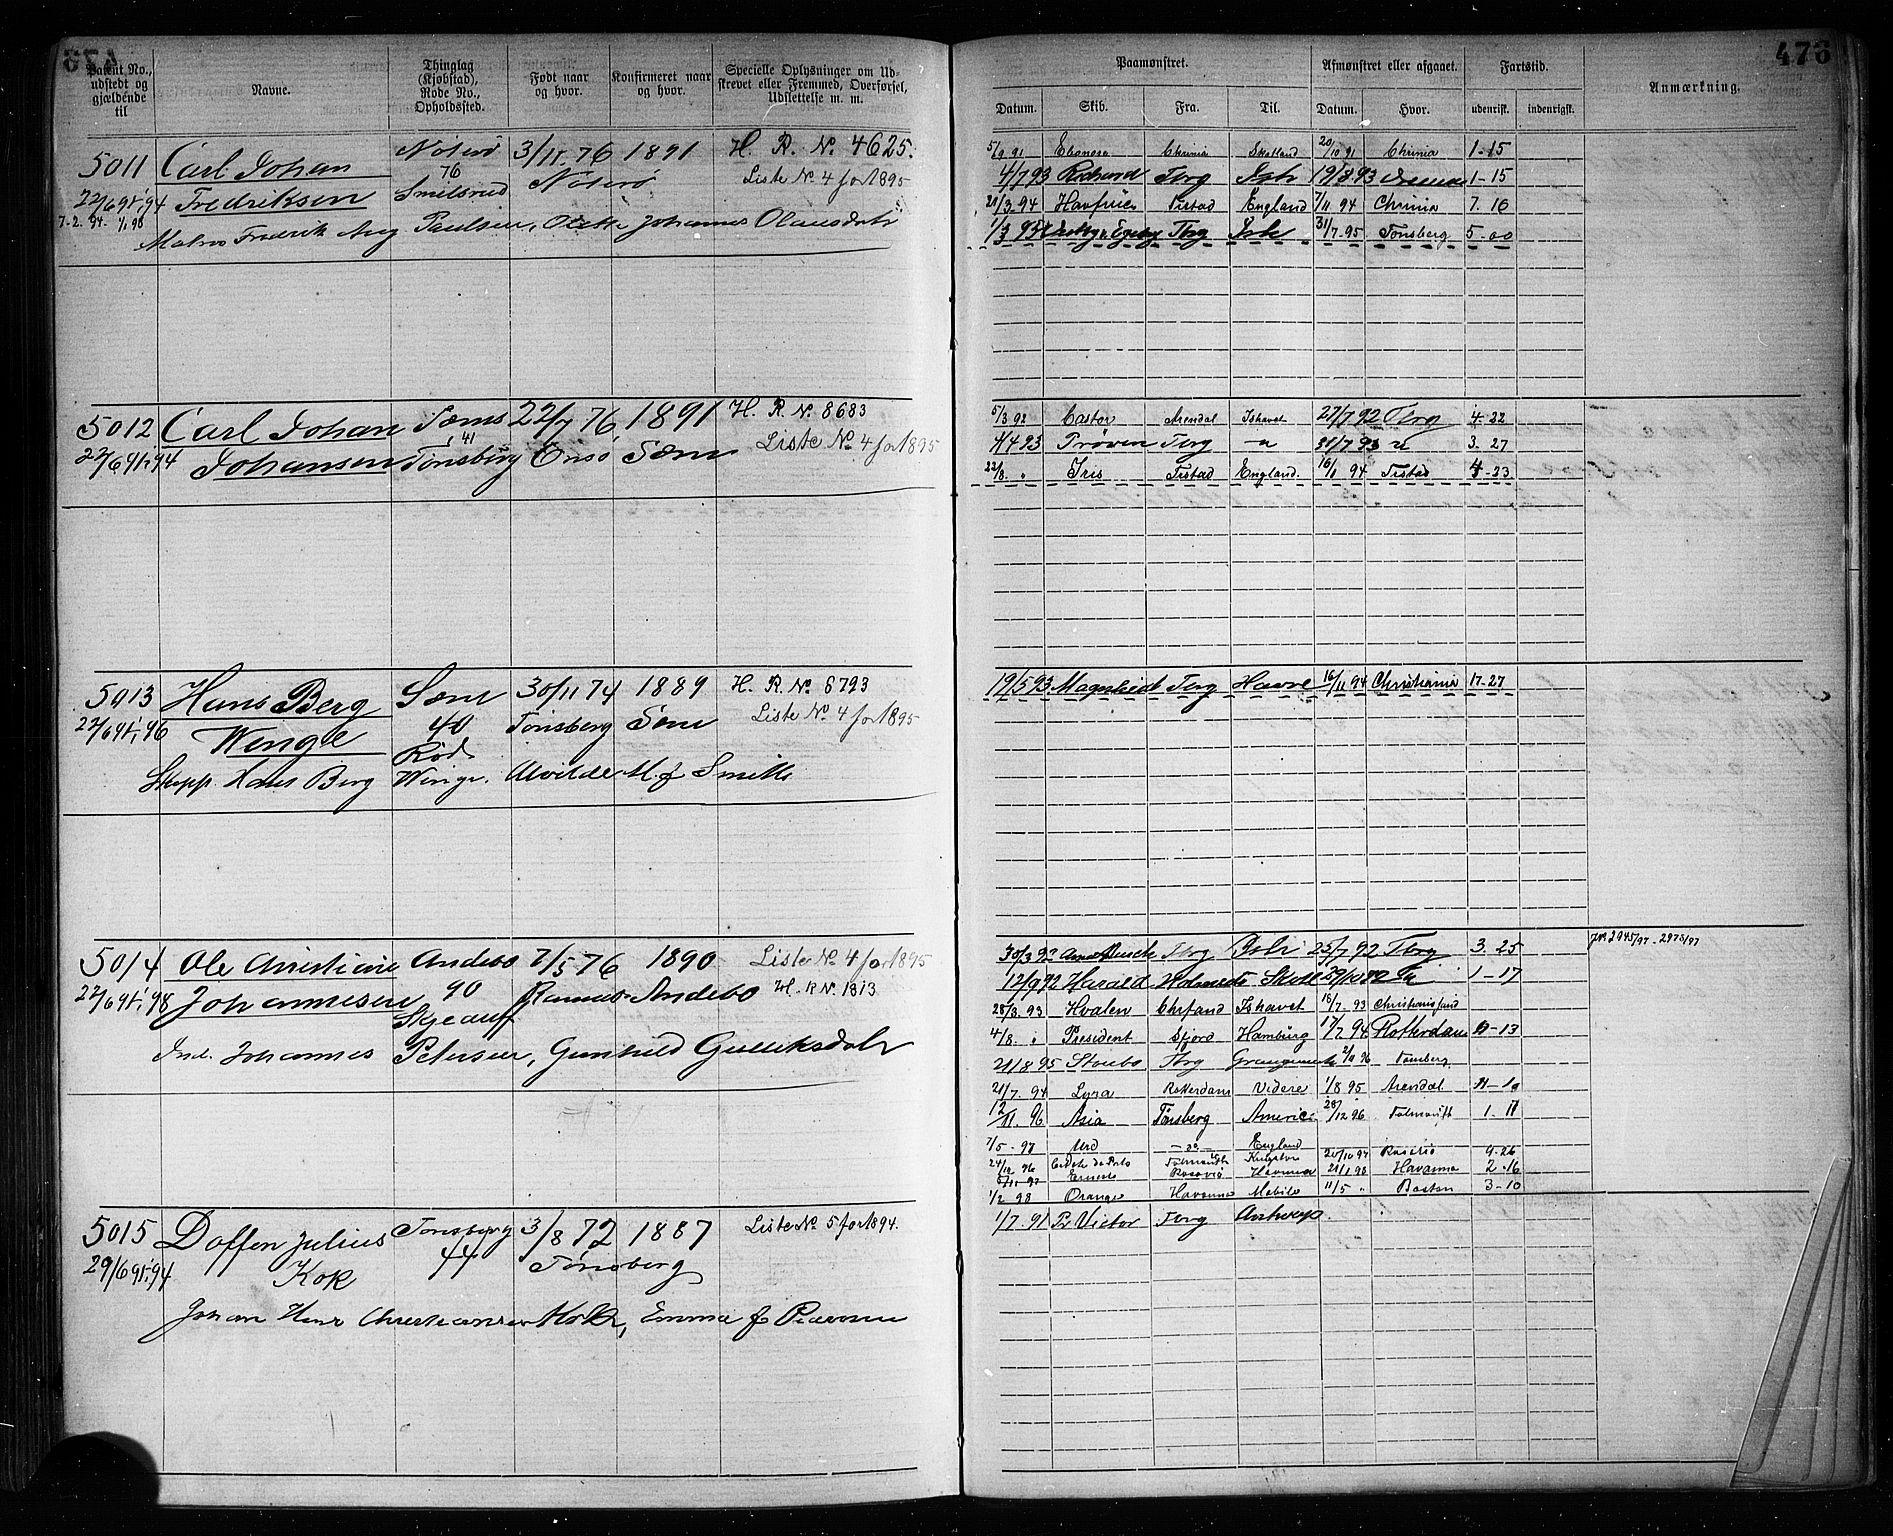 SAKO, Tønsberg innrulleringskontor, F/Fb/L0007: Annotasjonsrulle Patent nr. 2636-5150, 1881-1892, s. 478